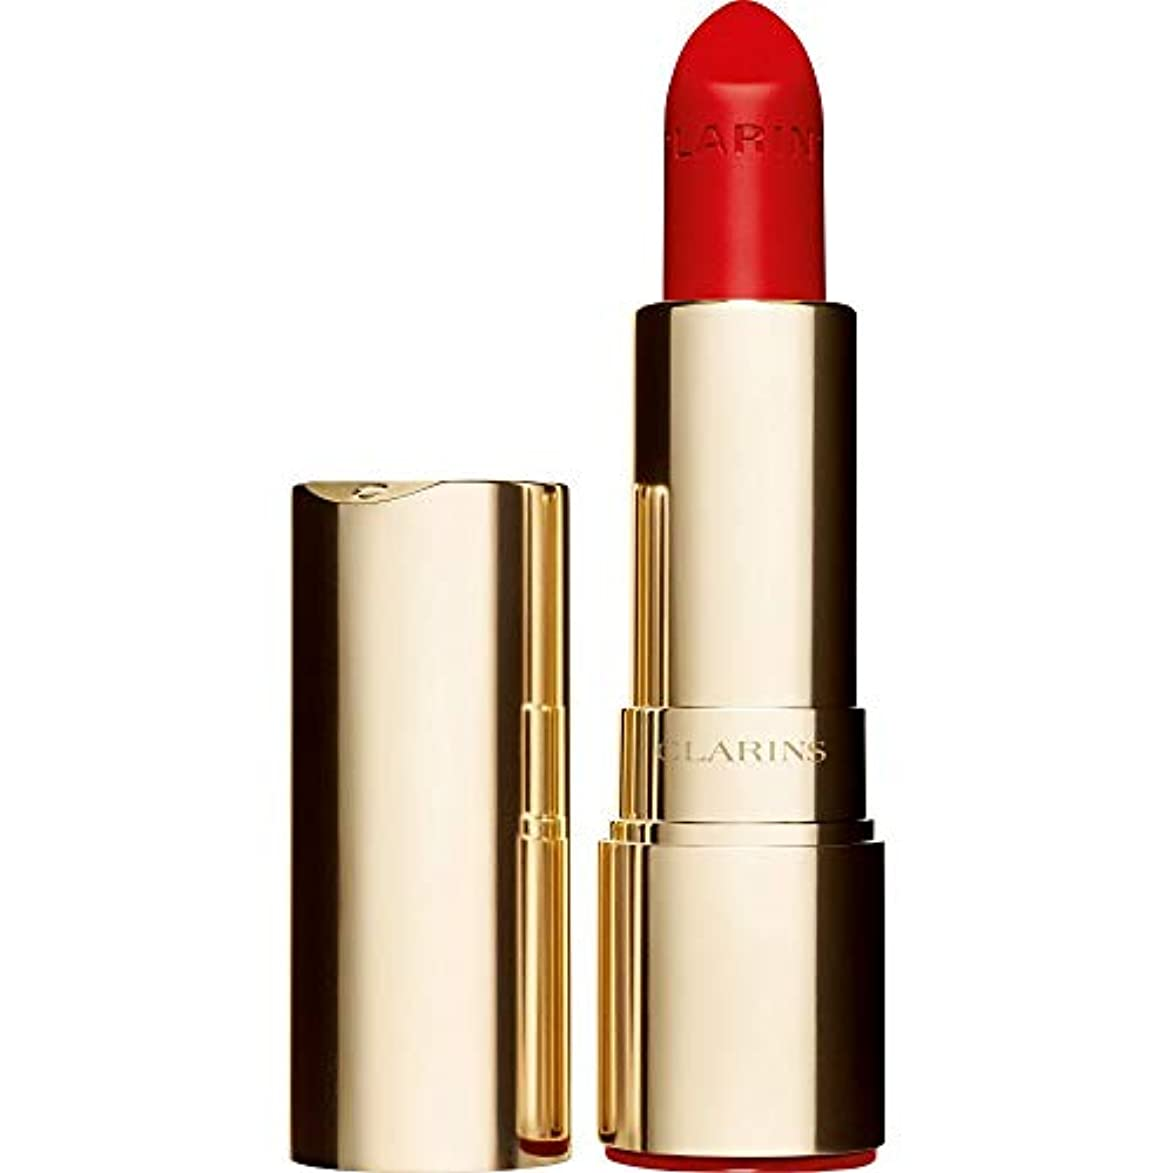 会計雰囲気本当に[Clarins ] クラランスジョリルージュのベルベットの口紅3.5グラムの741V - 赤、オレンジ - Clarins Joli Rouge Velvet Lipstick 3.5g 741V - Red Orange...